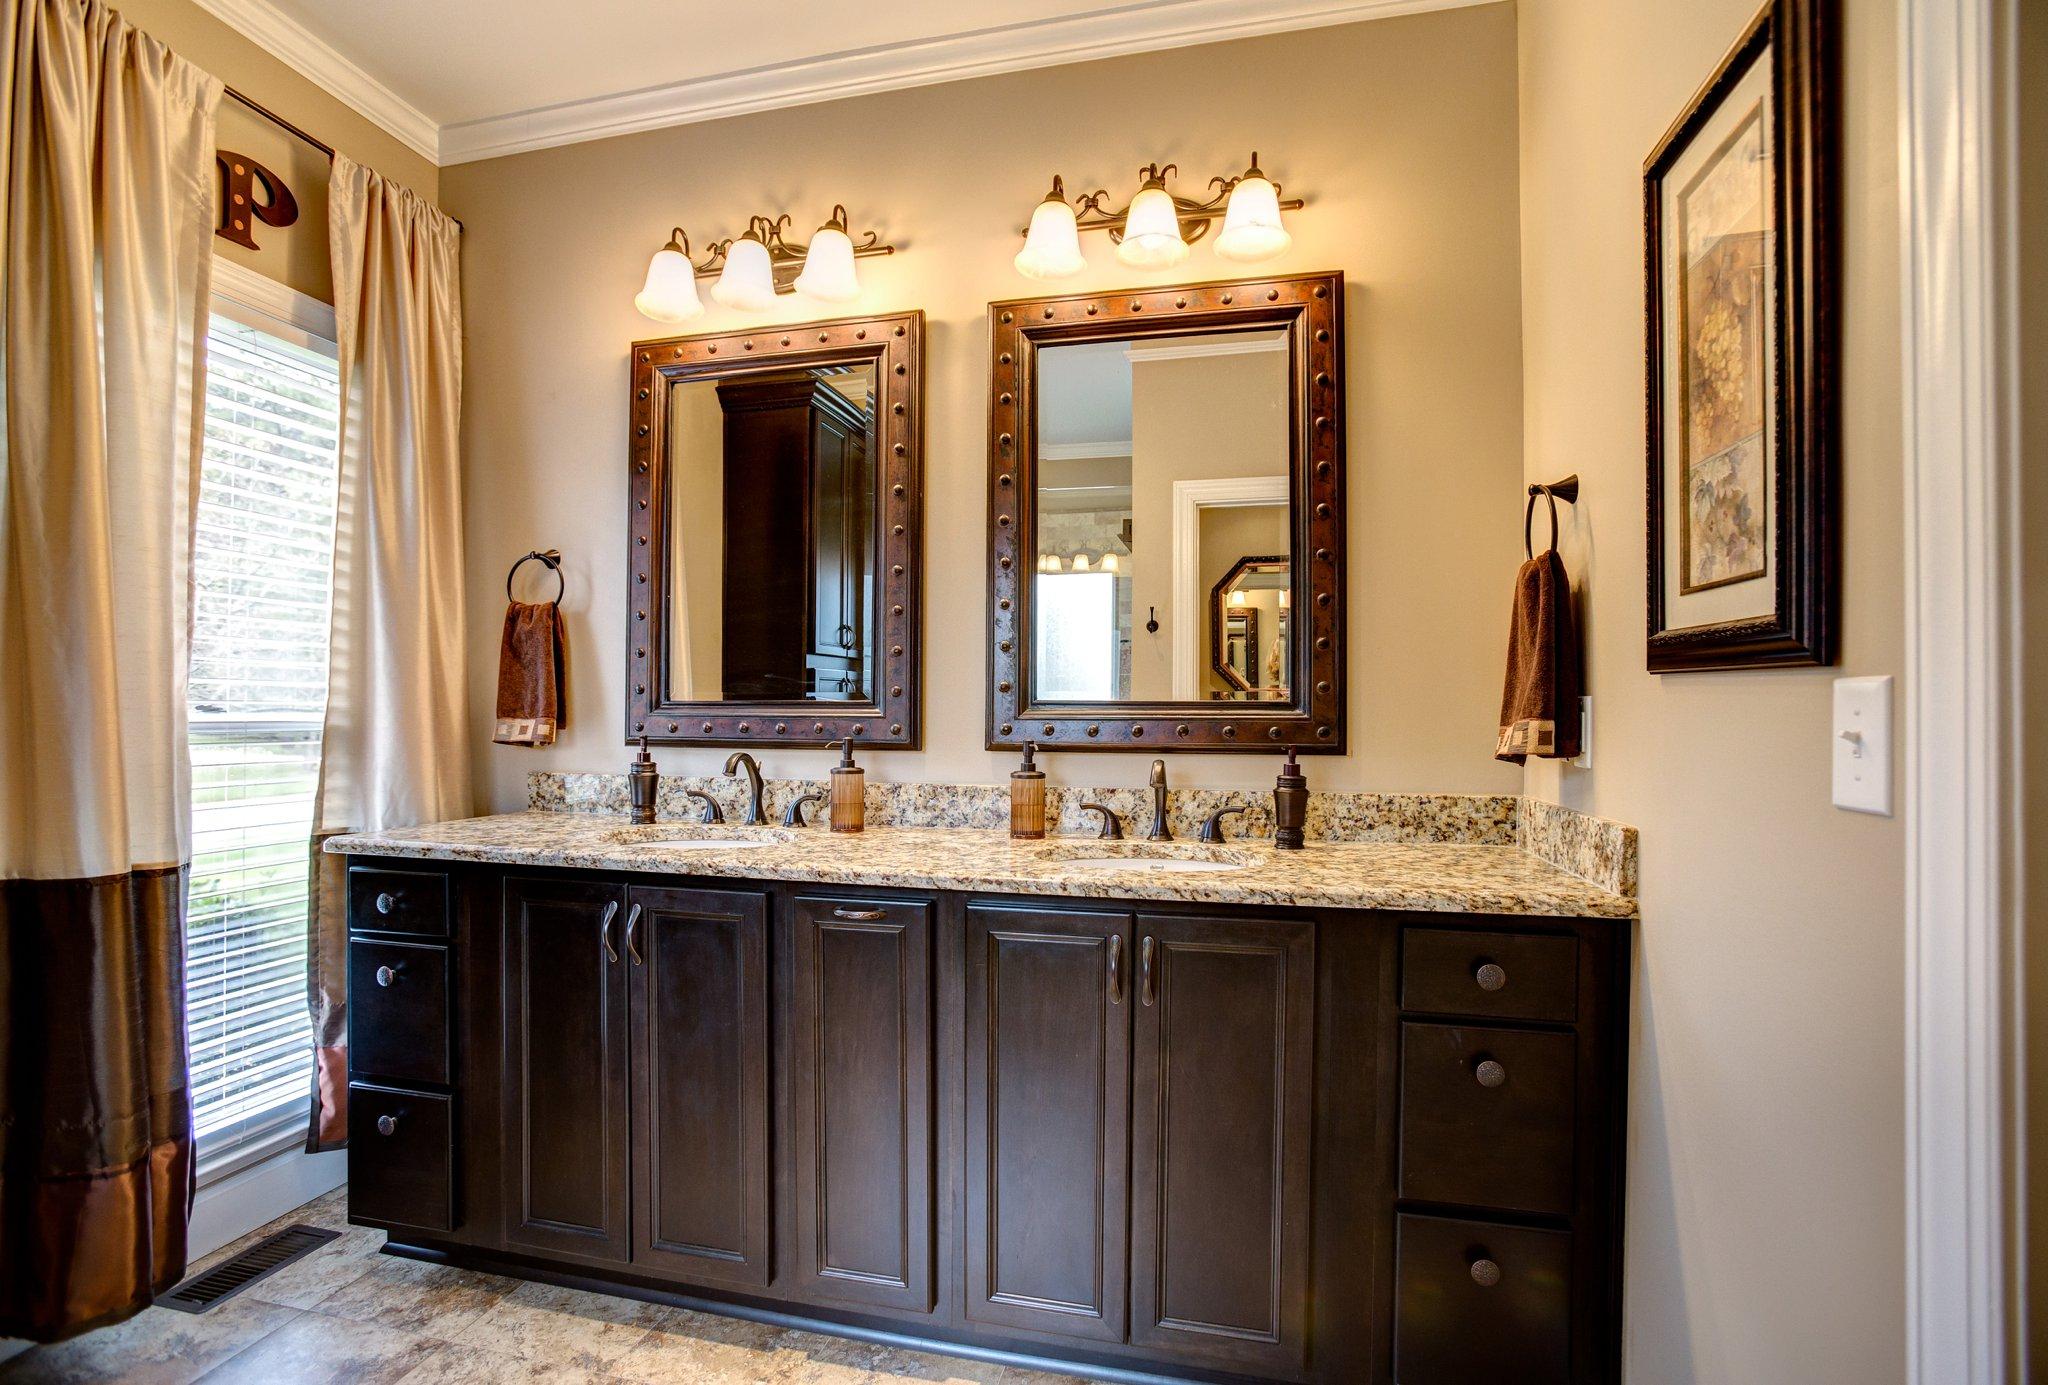 Case Design Remodeling Birmingham Bath Remodel Photography - Birmingham bathroom remodeling